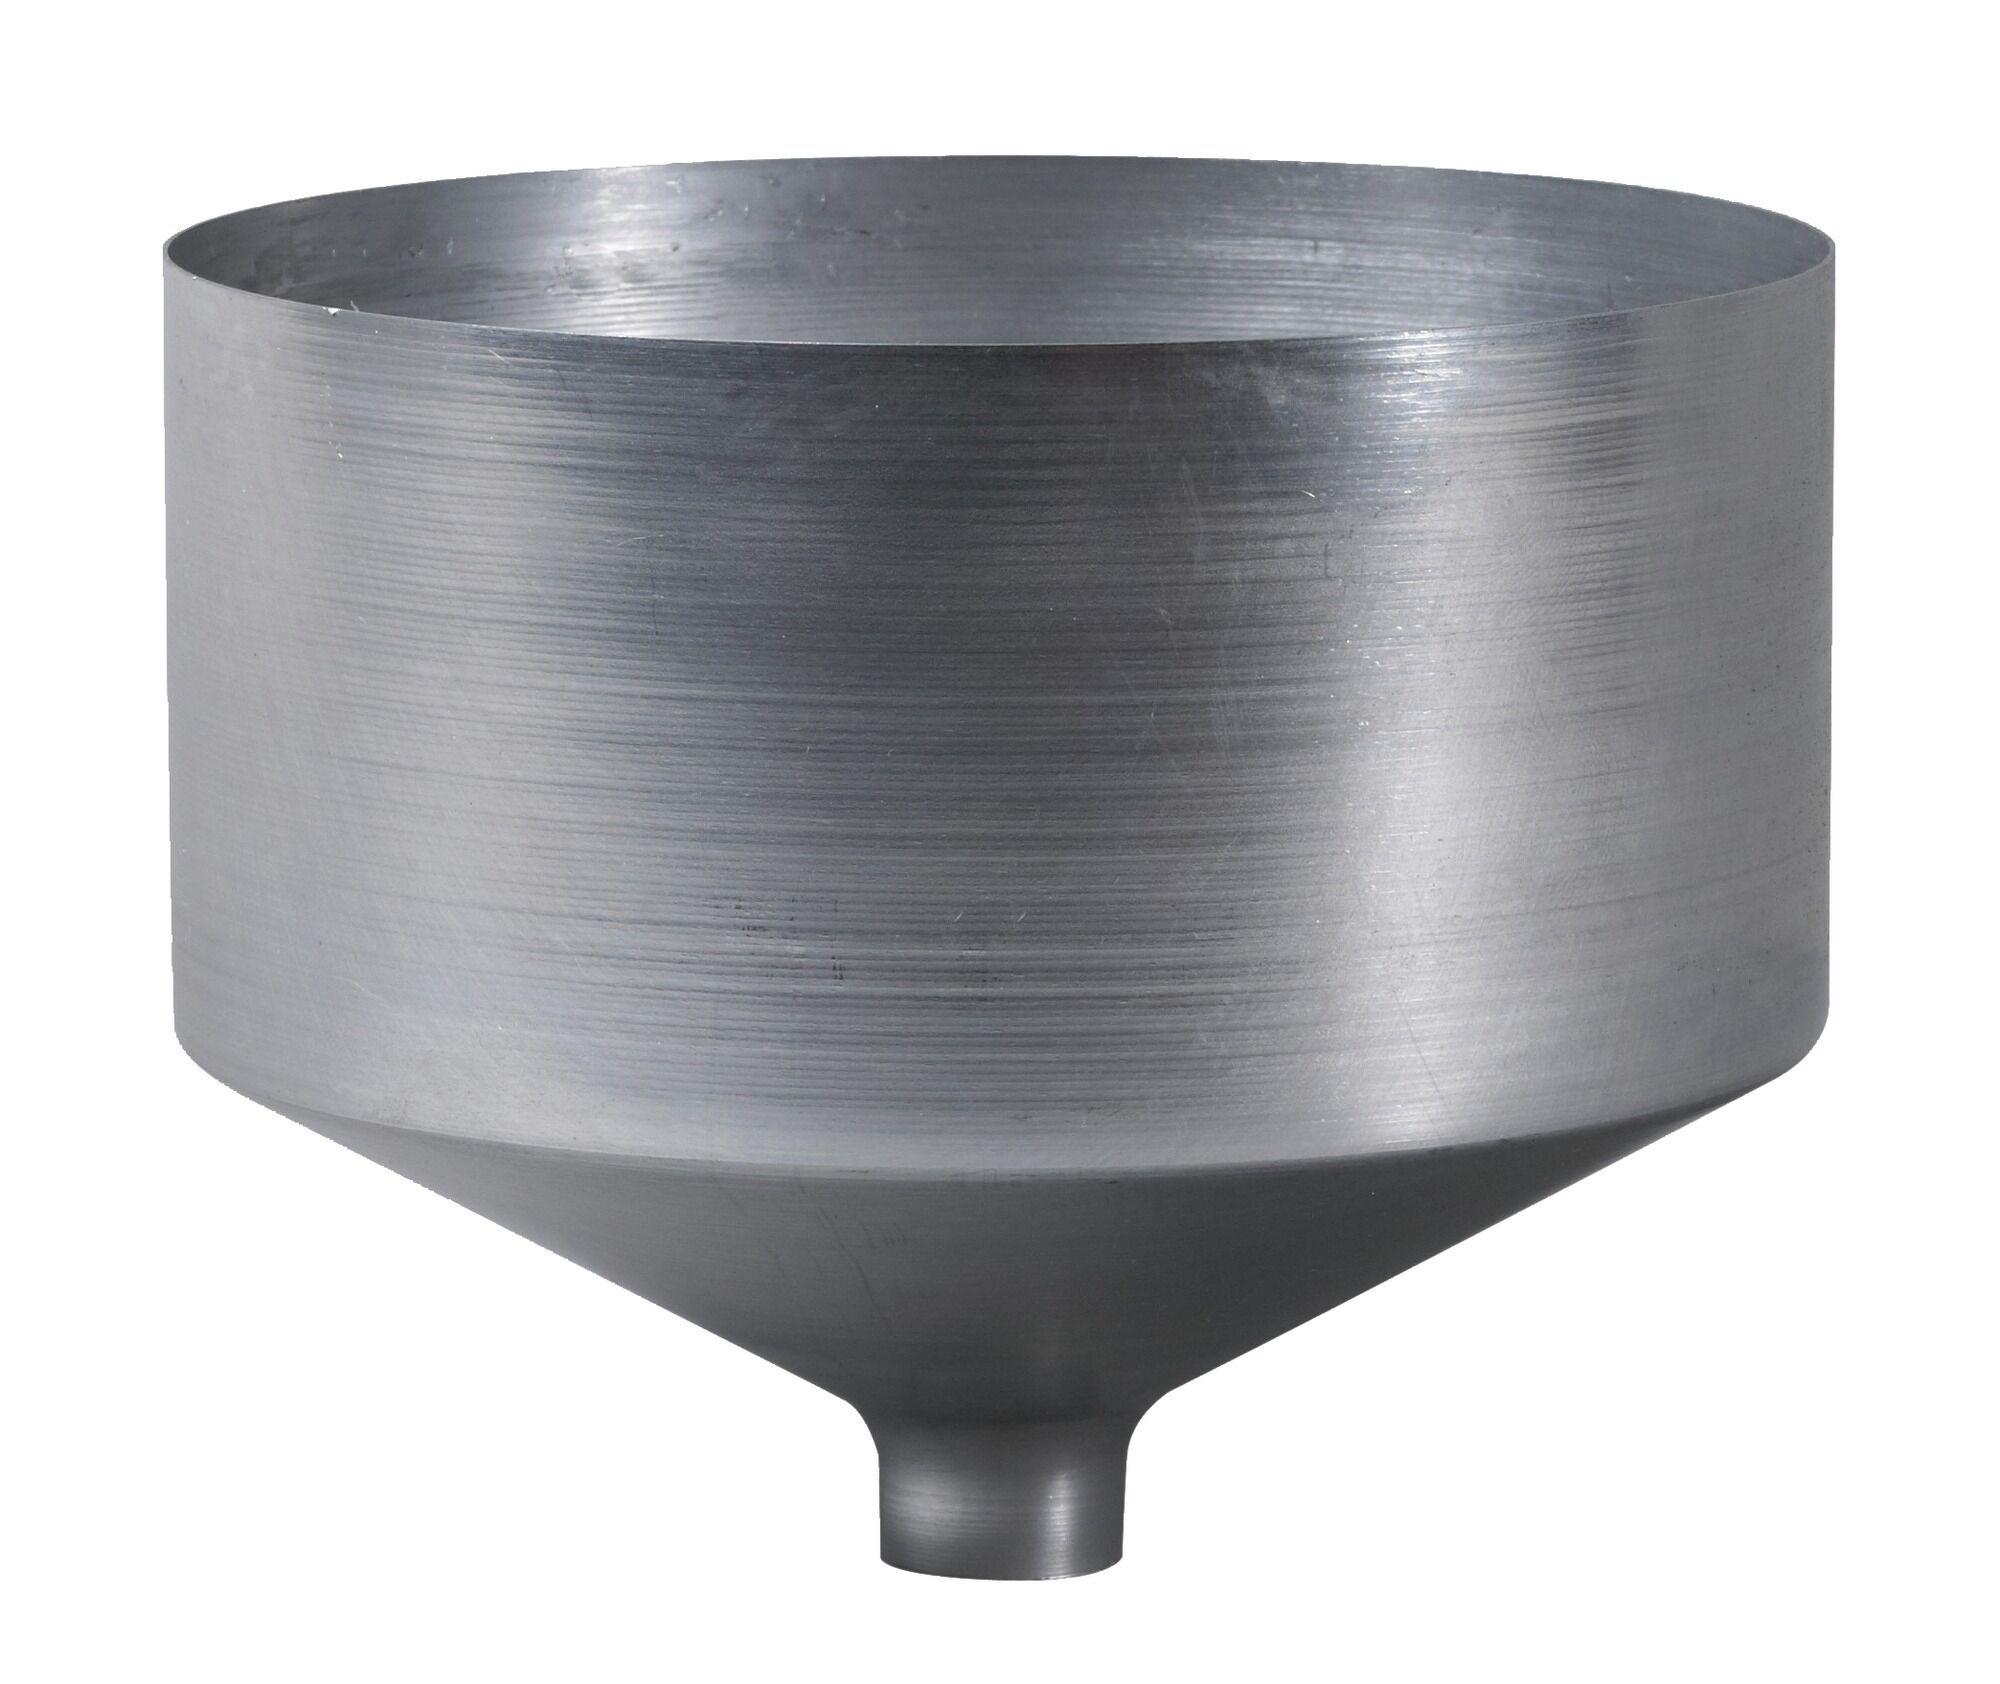 TEN Purge aluminium Ø153 - TOLERIE GENERALE - 900153